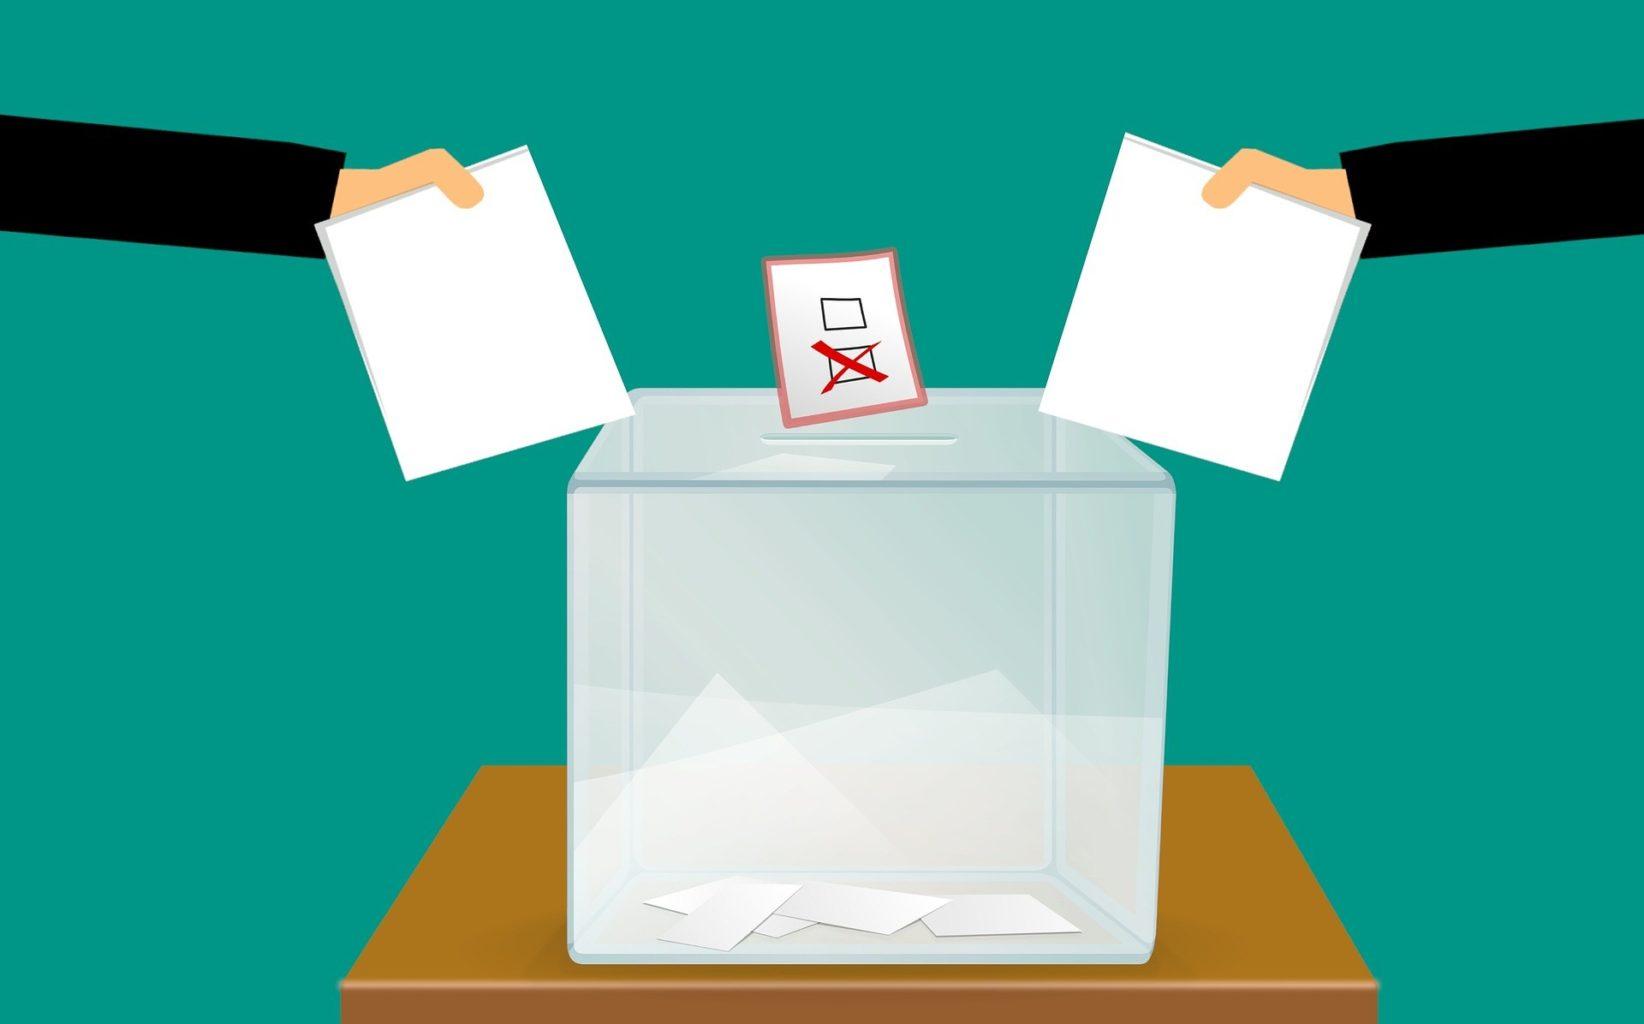 Выборы в РК: видео со вбросом снято не в Казахстане